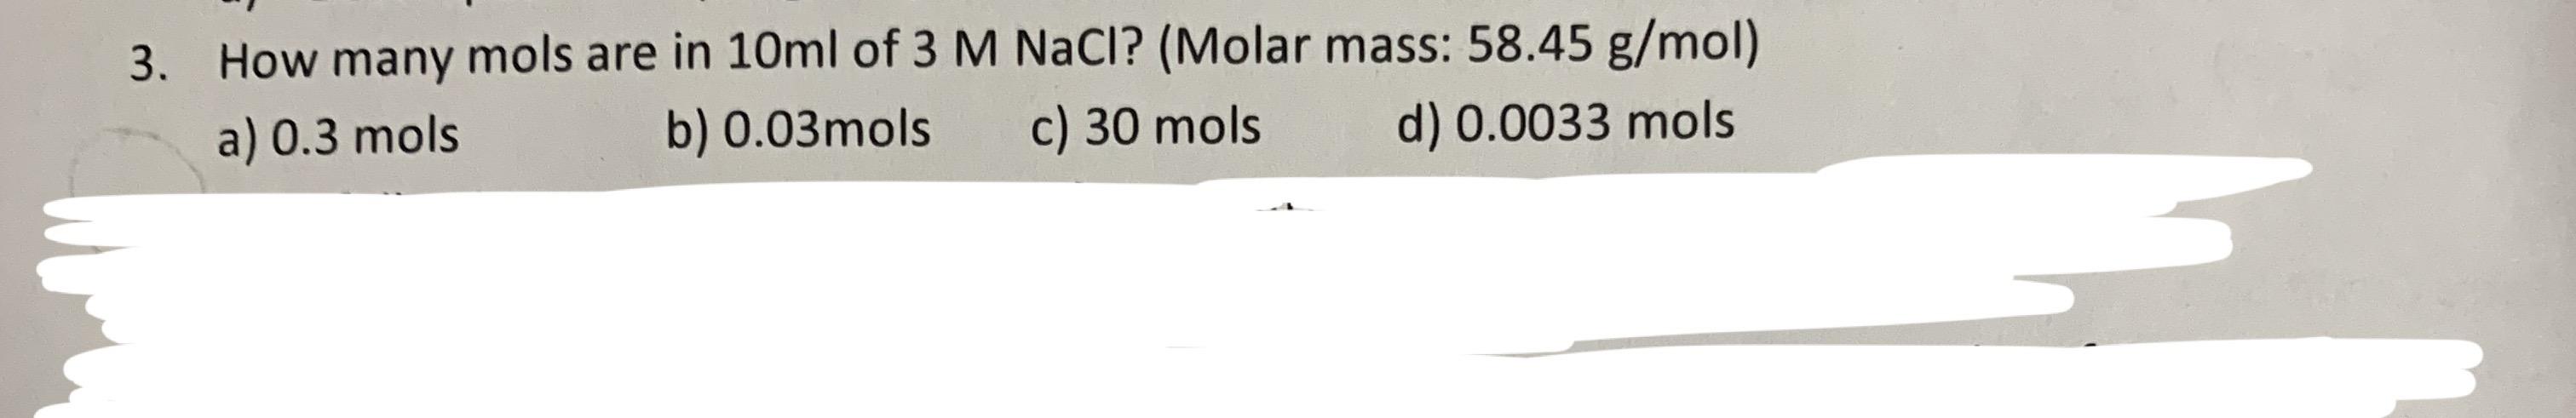 How many mols are in 10ml of 3 M NaCl? (Molar mass: 58.45 g/mol) 3. a) 0.3 mols b) 0.03mols c) 30 mols d) 0.0033 mols